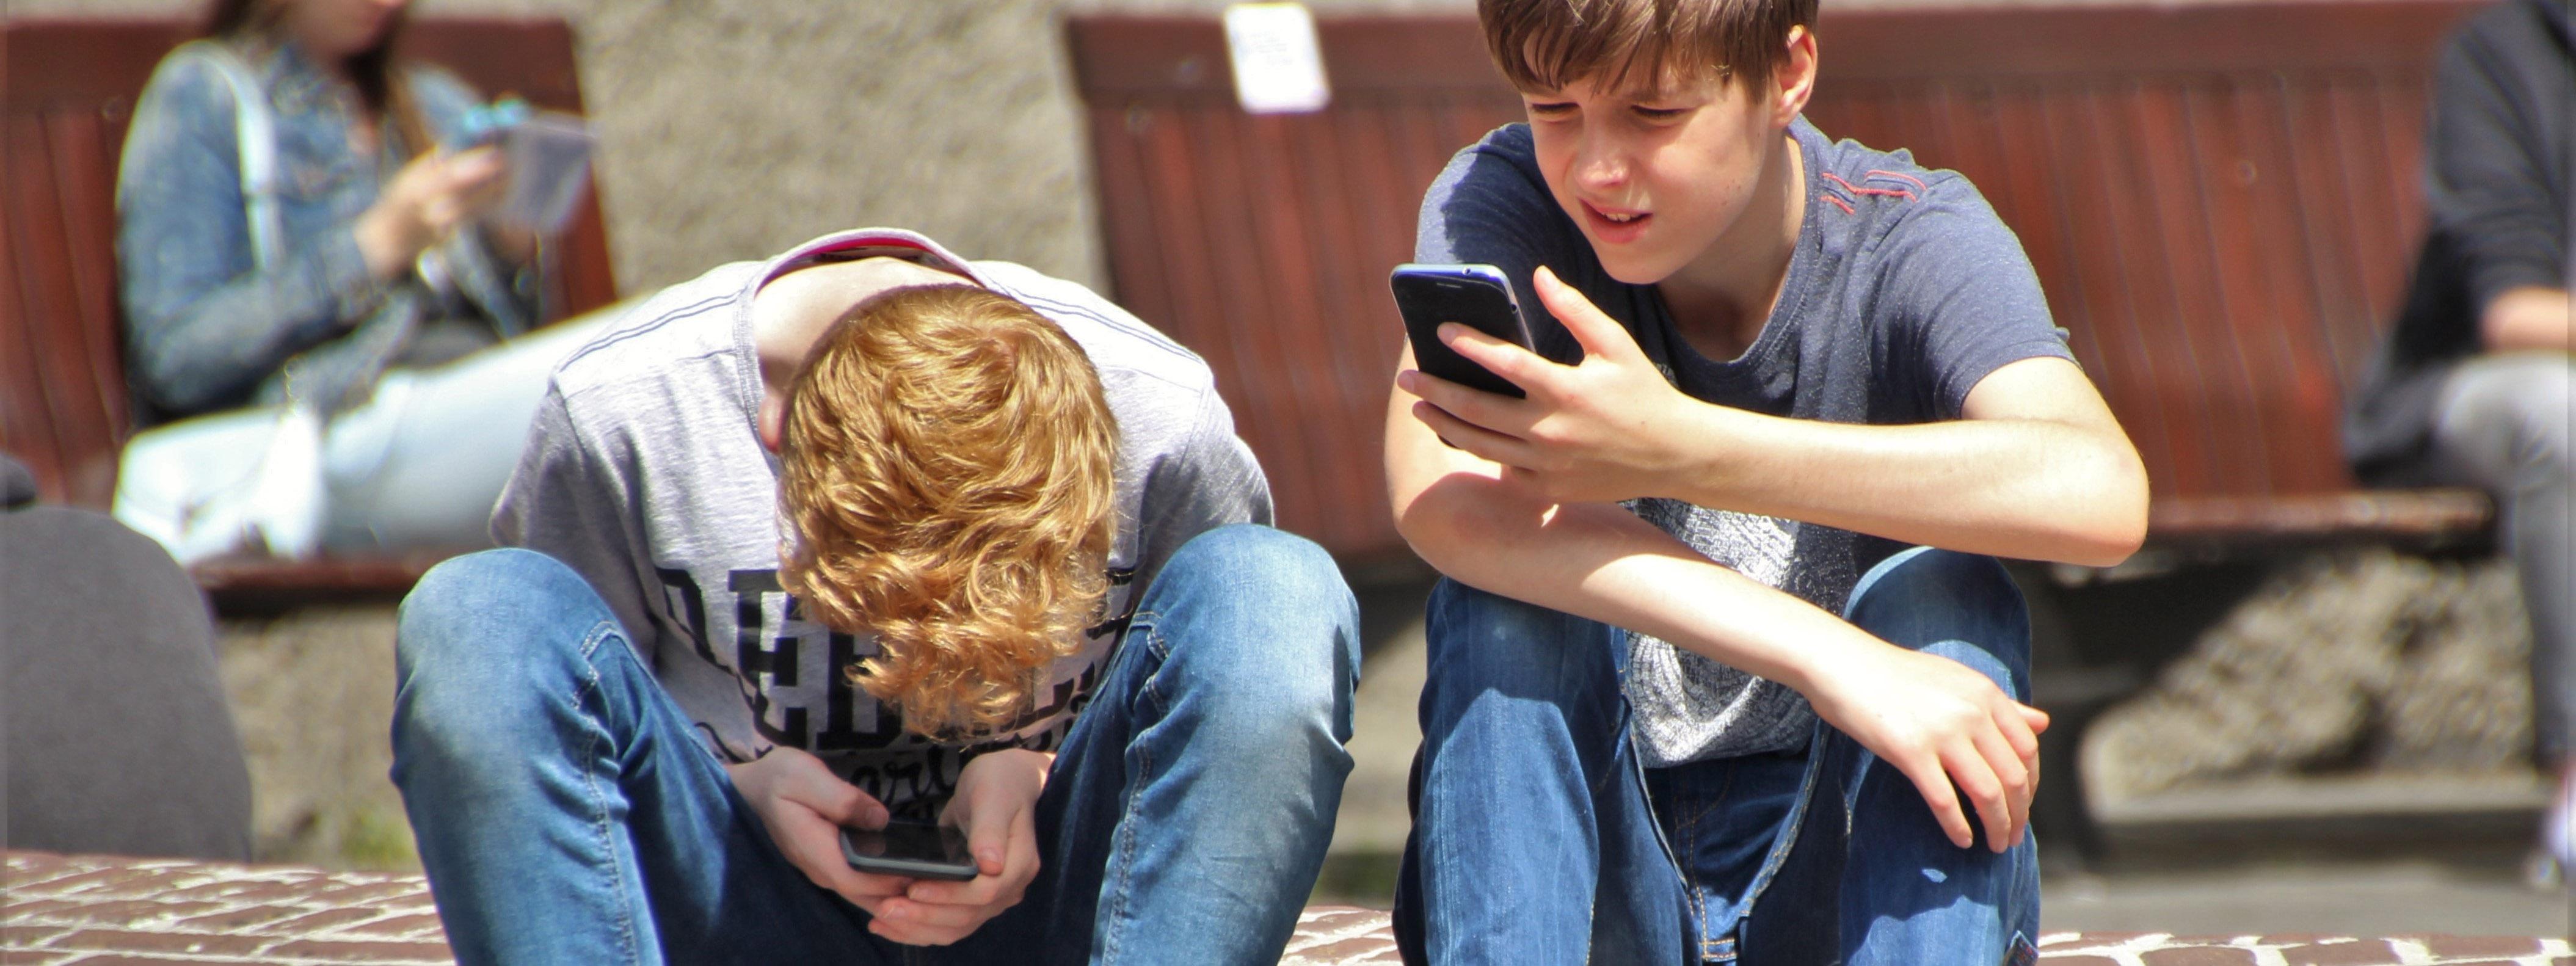 """""""Wir Erwachsenen müssen uns überlegen, wie wir selbst digitale Medien nutzen"""""""